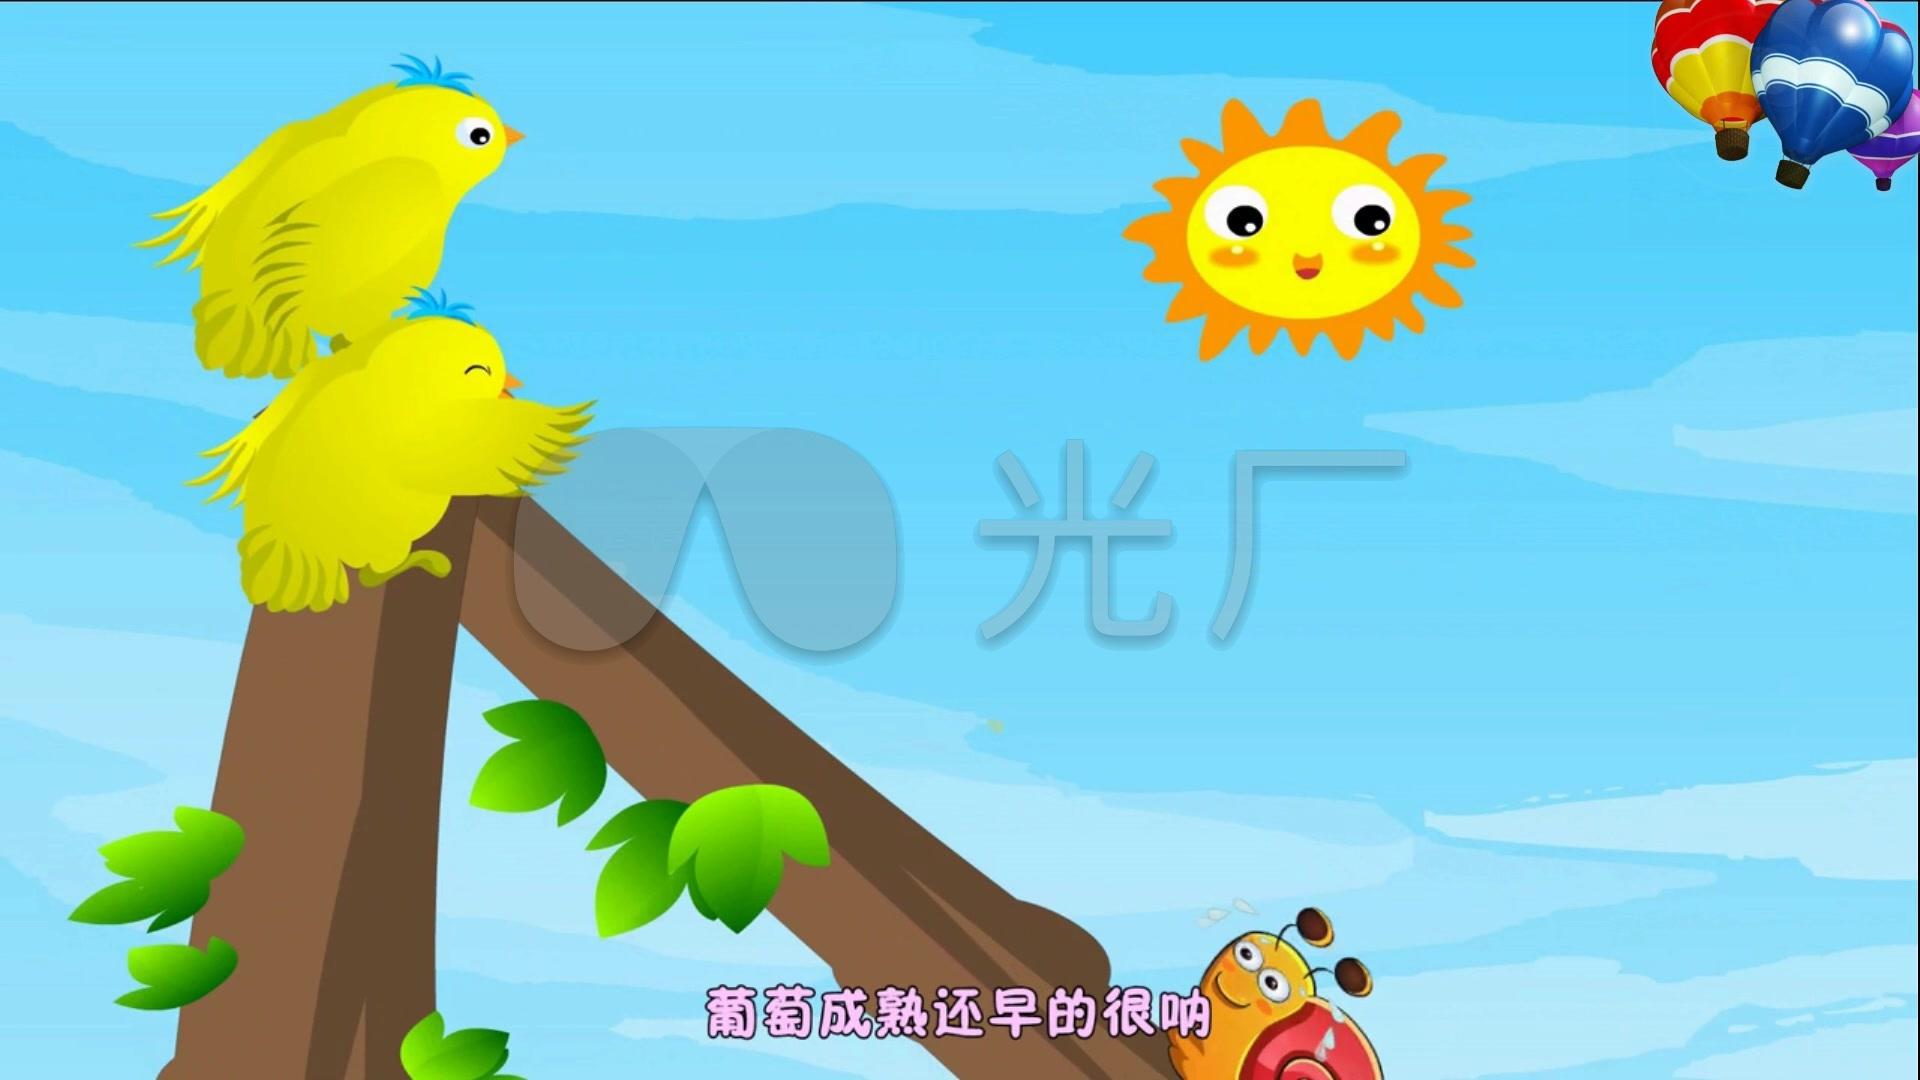 黄鹂与高清鸟教程蜗牛动画_1920X1080_卡通字ps儿童烟花图片